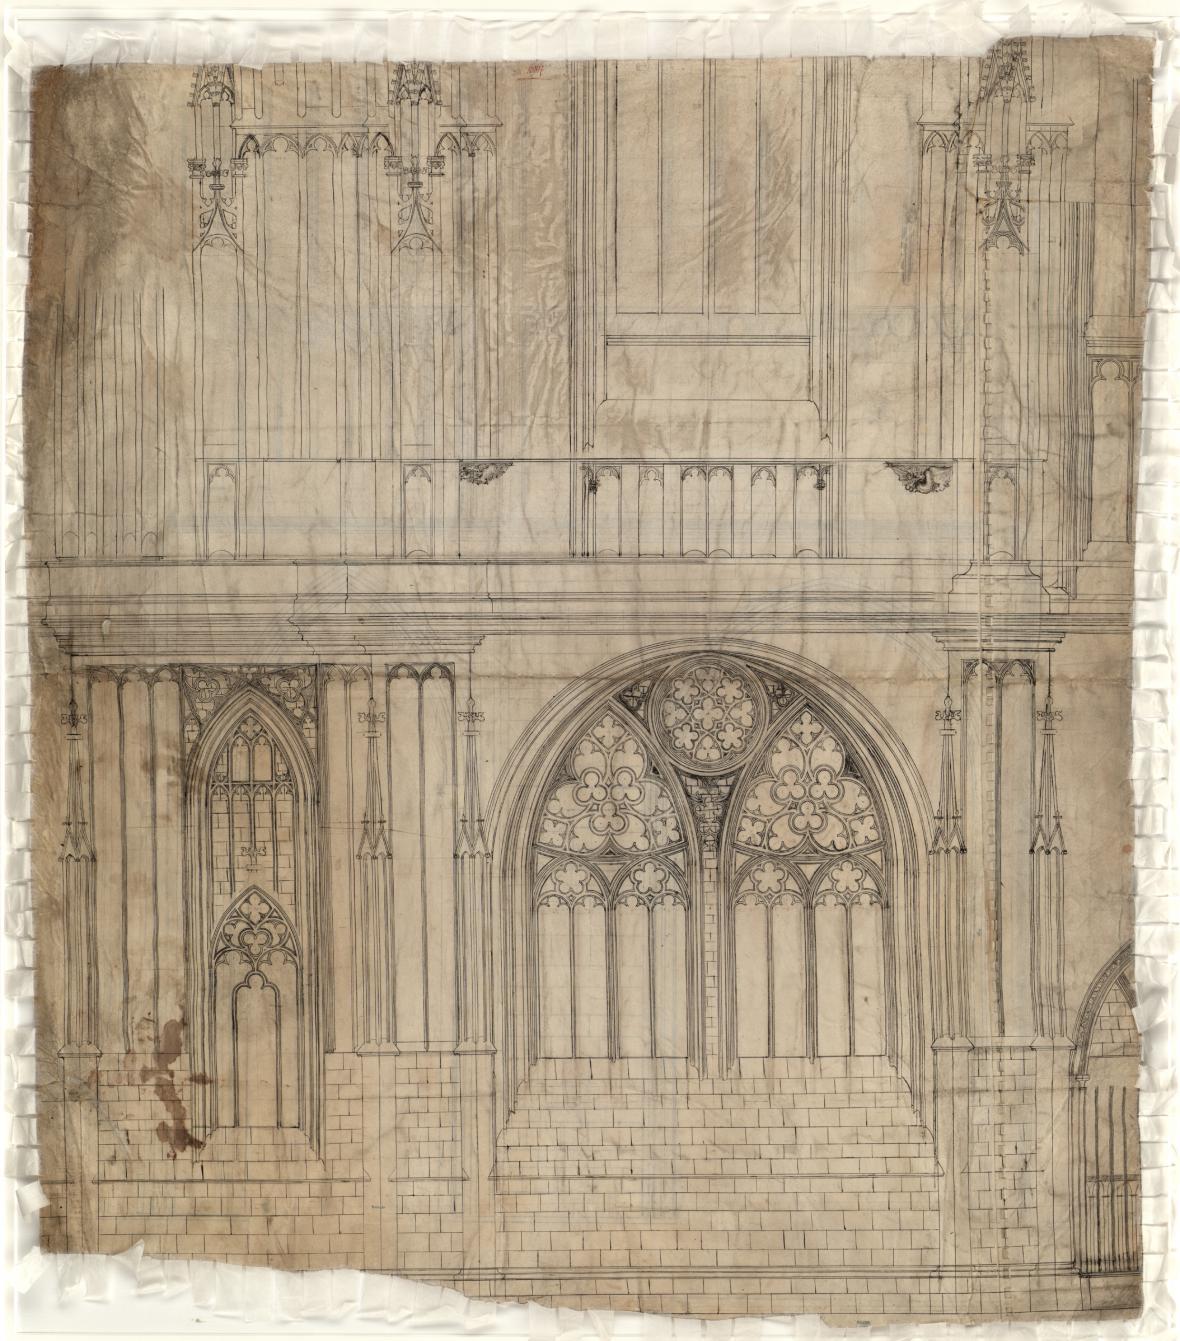 Architektonická kresba jižní věže katedrály sv. Víta, Petr Parléř, kolem roku 1365